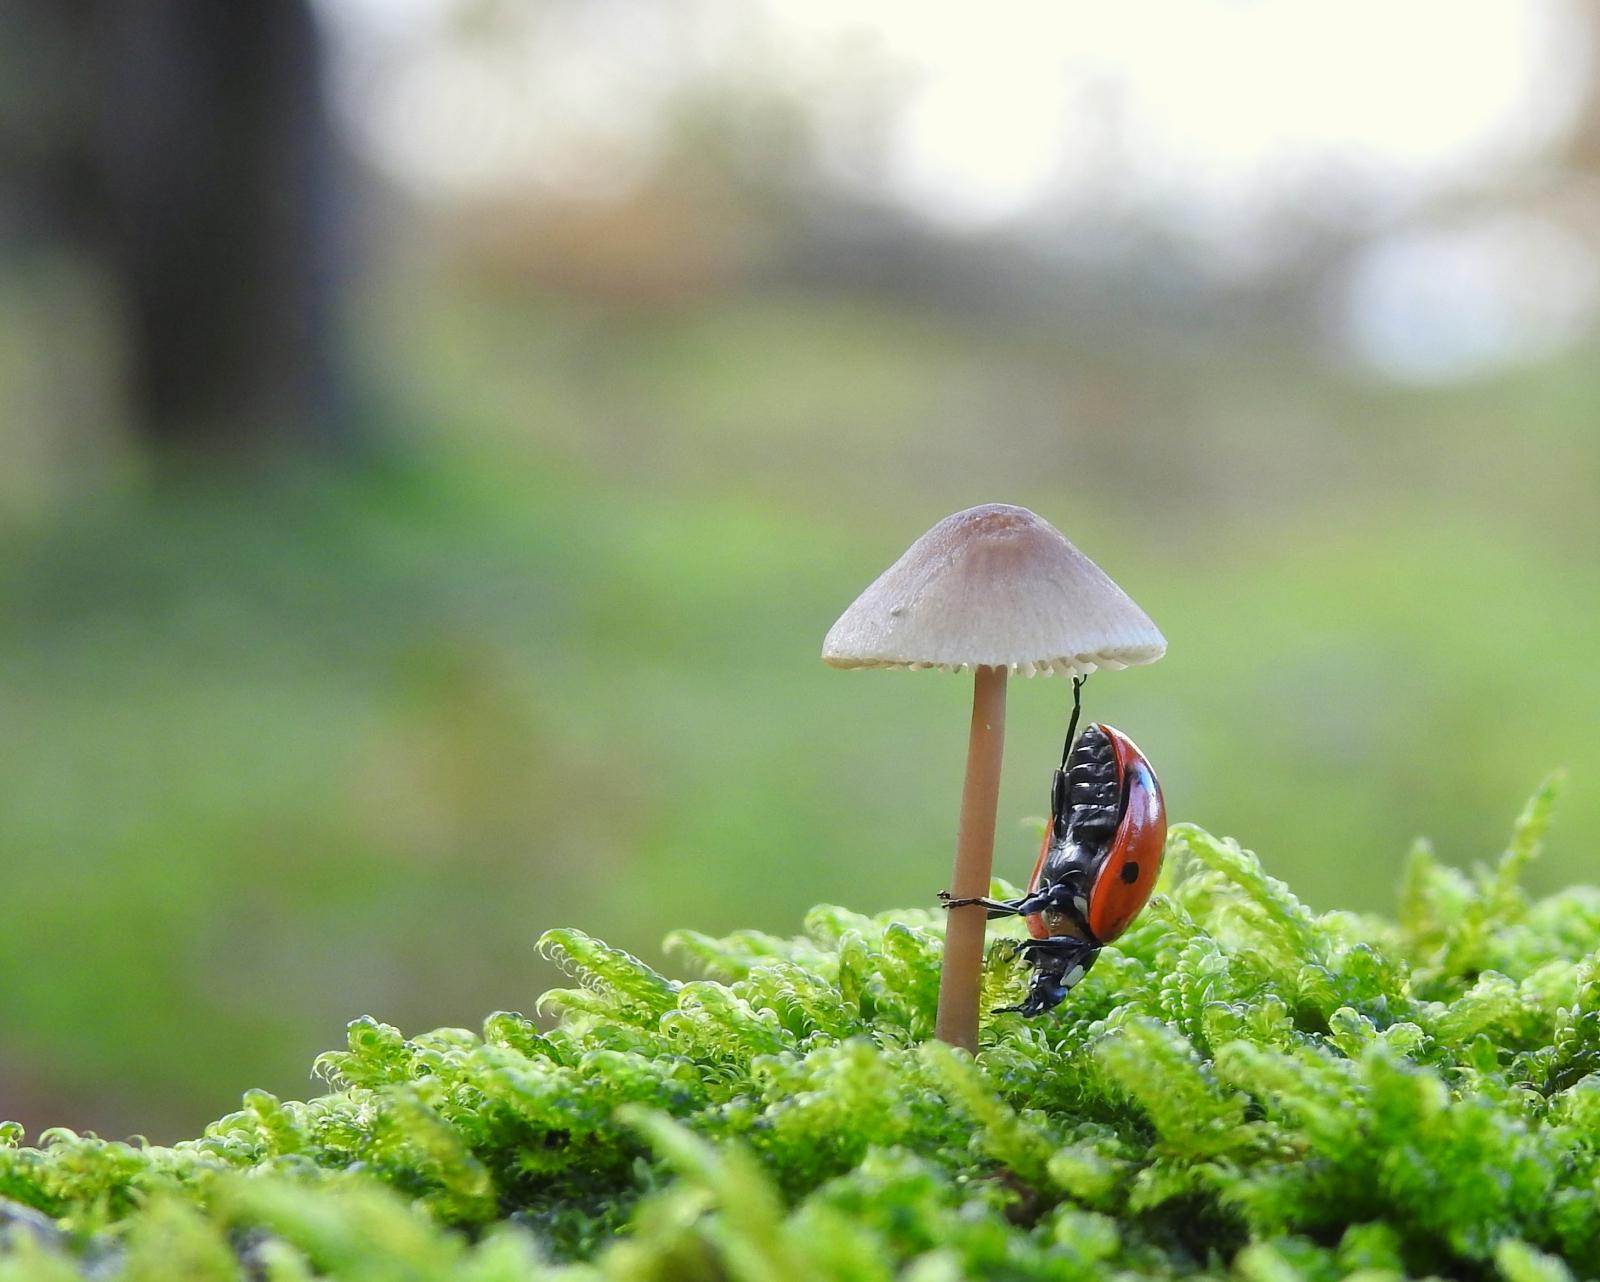 Ladybug on mushroom